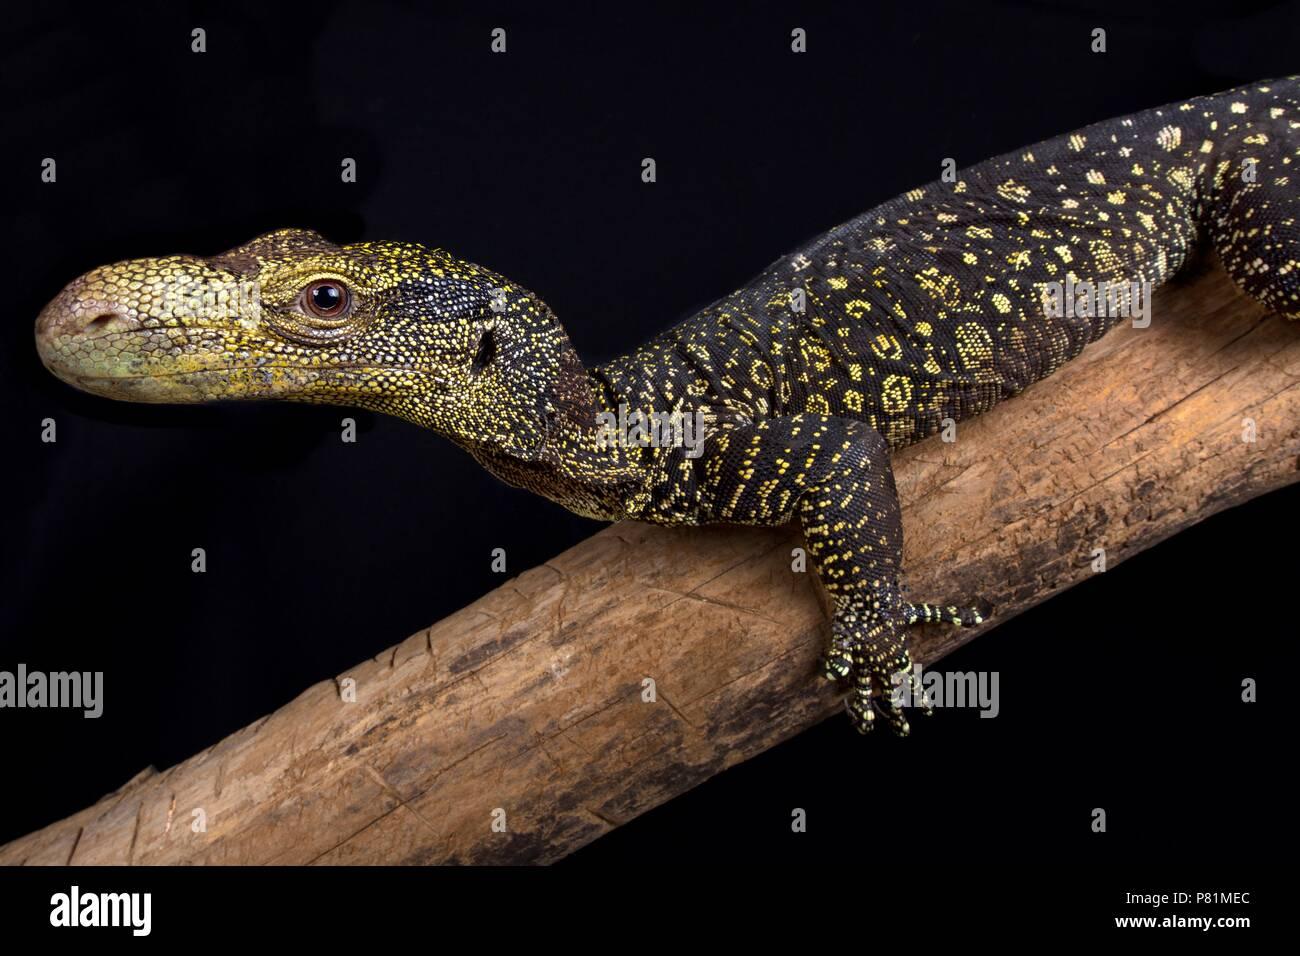 Le moniteur de crocodile (Varanus salvadorii) est la plus longue des espèces de lézards dans le monde. Ces dragons sont endémiques à la Papouasie-Nouvelle-Guinée et l'Ouest Pap Photo Stock